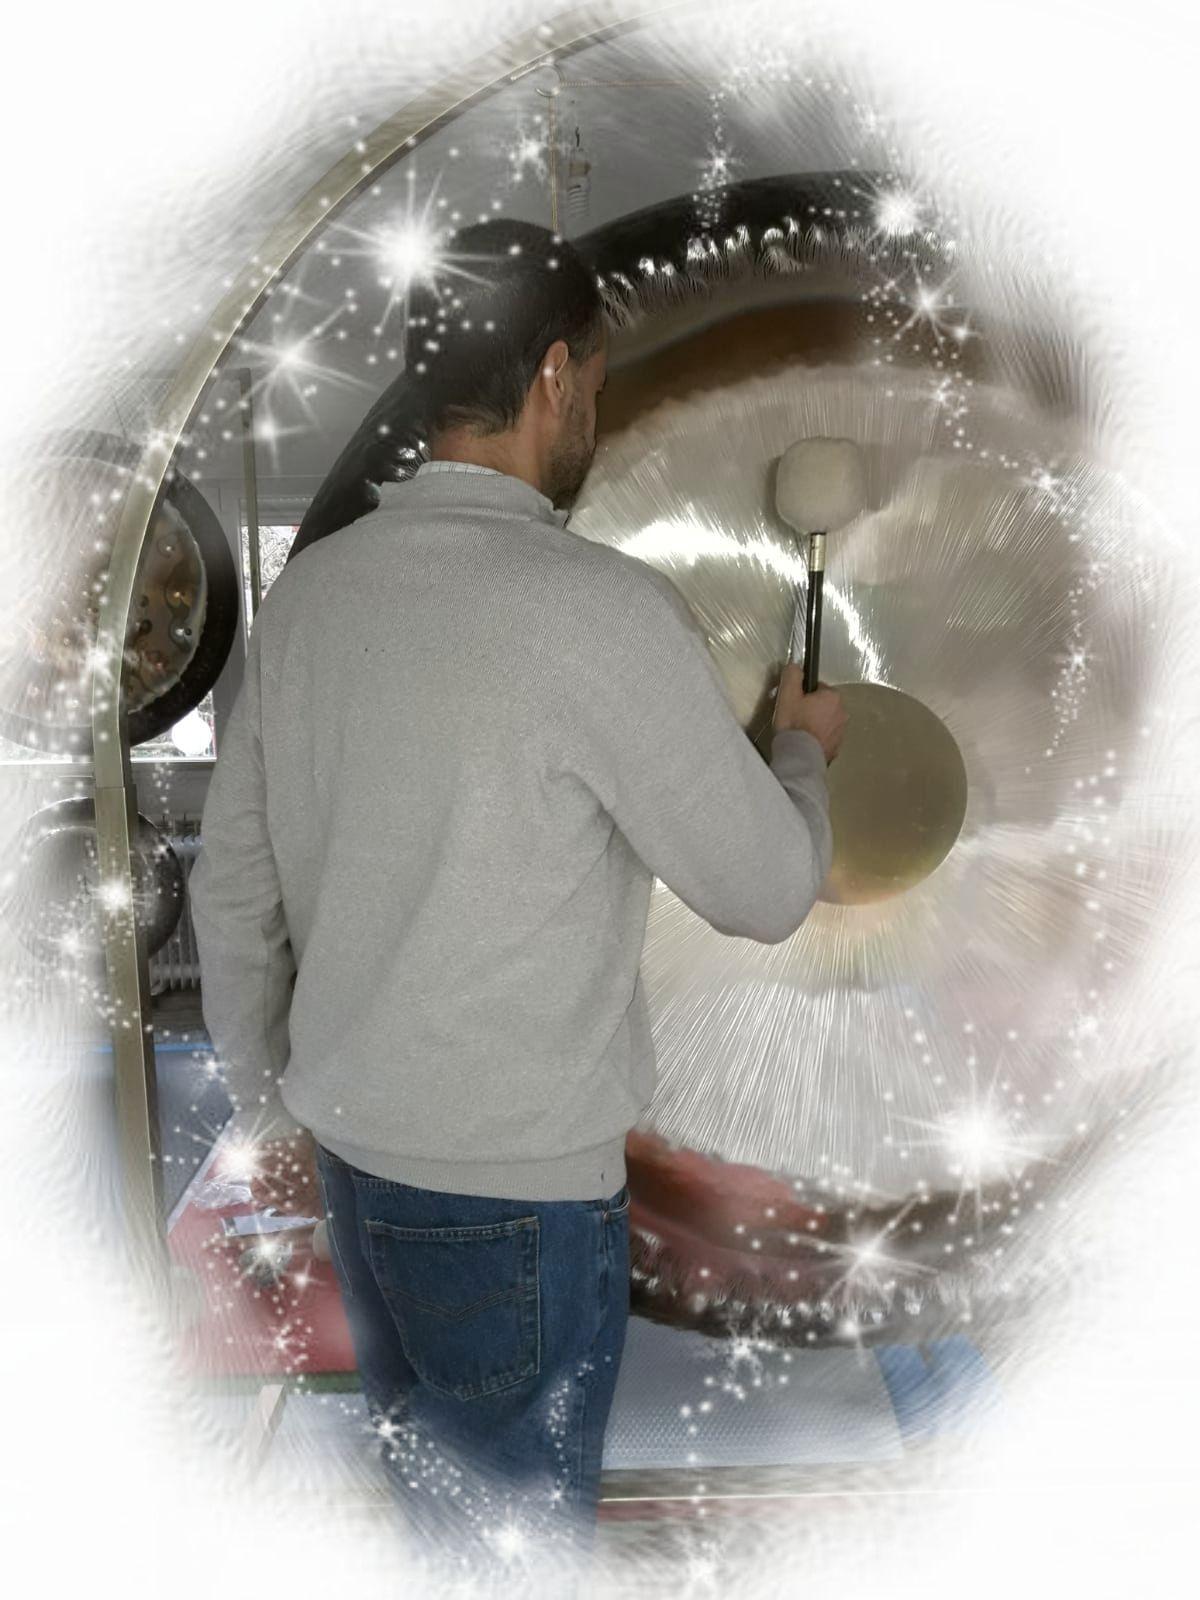 gong vikrampal